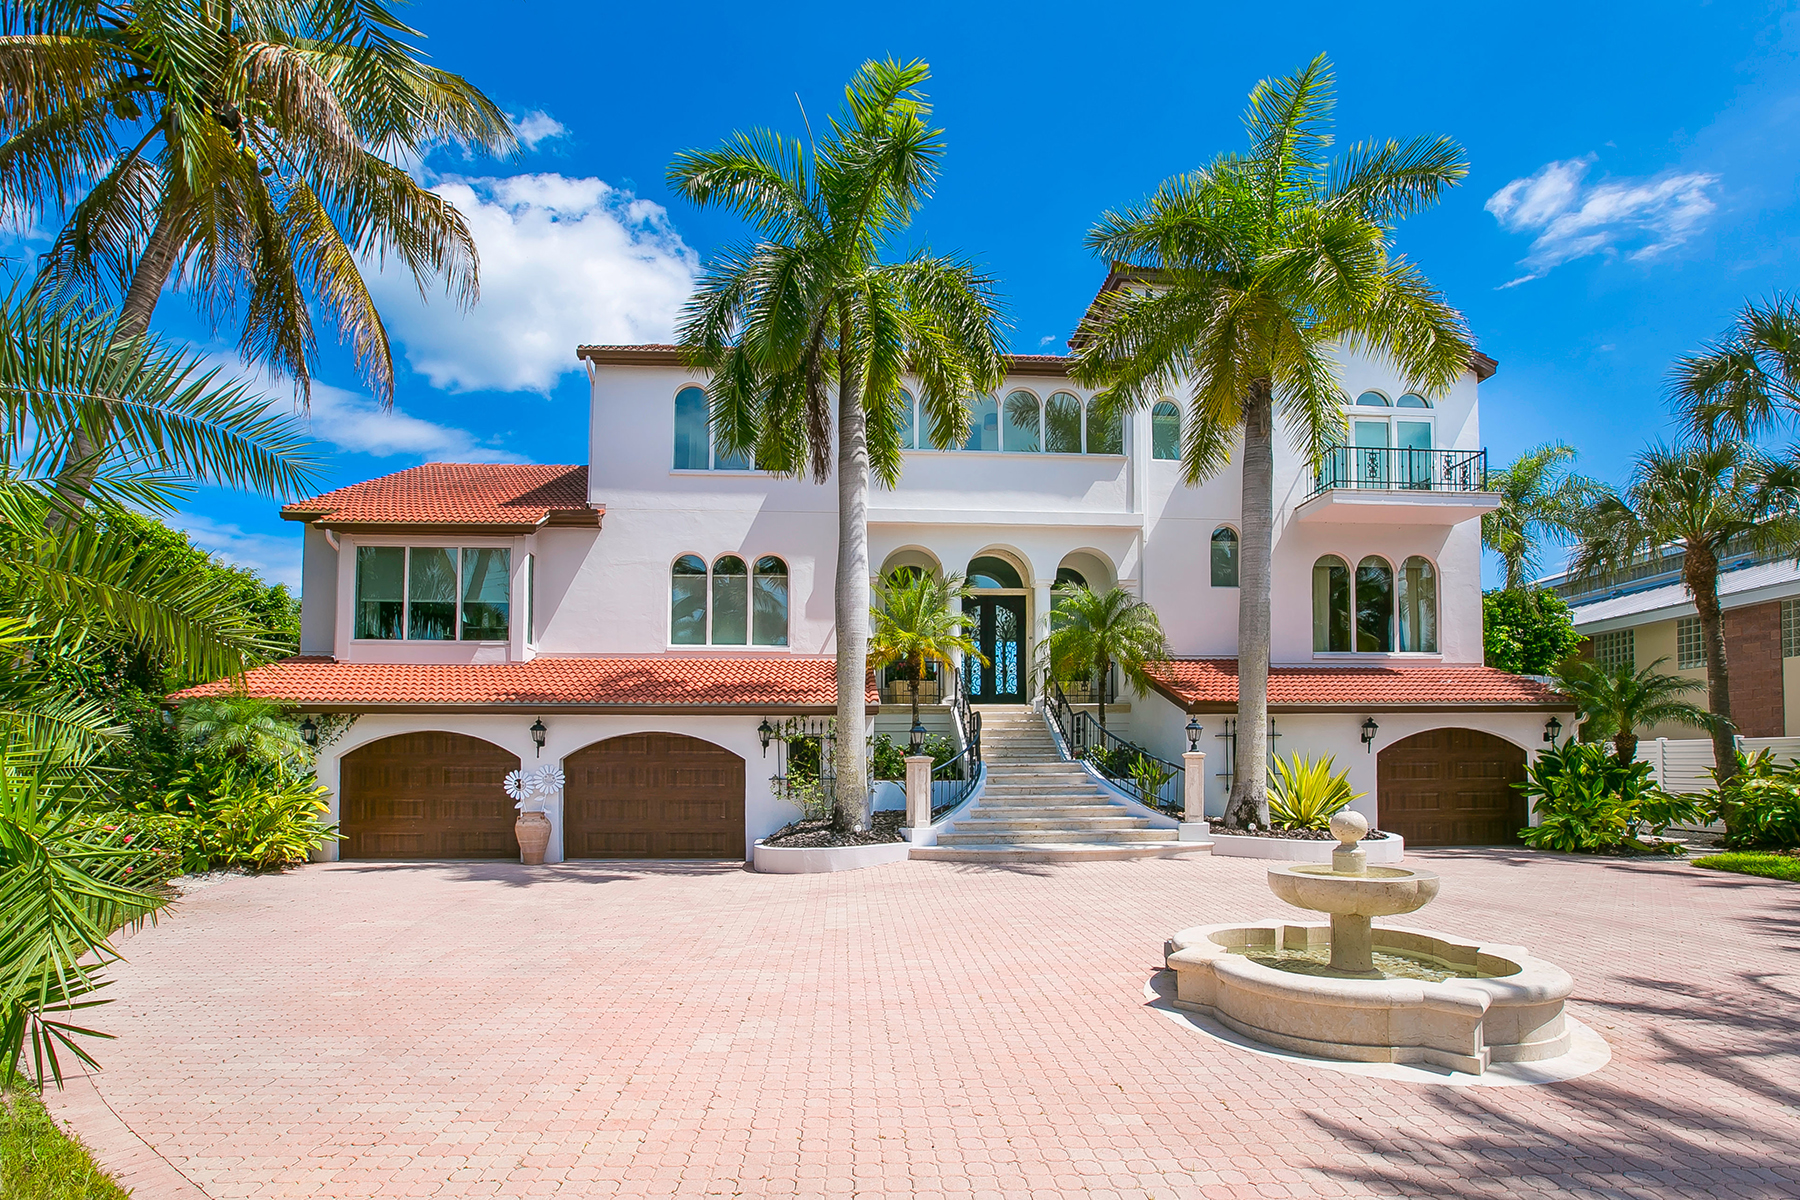 Casa Unifamiliar por un Venta en ST. ARMANDS BAY FRONT 66 N Washington Dr Sarasota, Florida, 34236 Estados Unidos